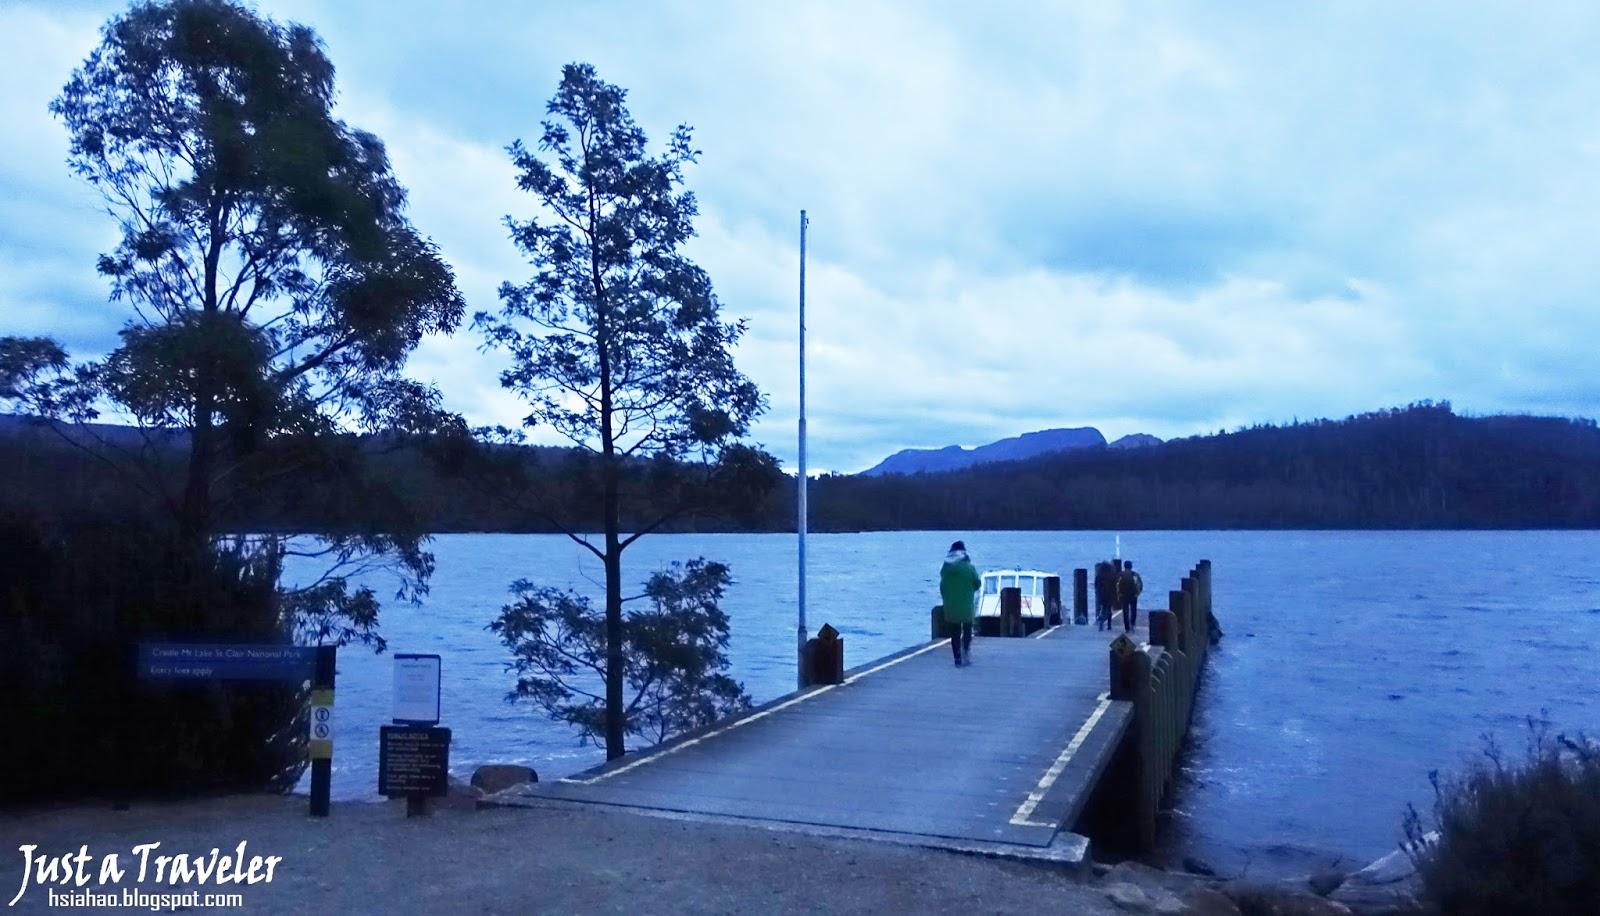 塔斯馬尼亞-景點-推薦-搖籃山-旅遊-自由行-澳洲-Tasmania-Cradle Mountain-Lake-St-Clair-National-Park-Australia